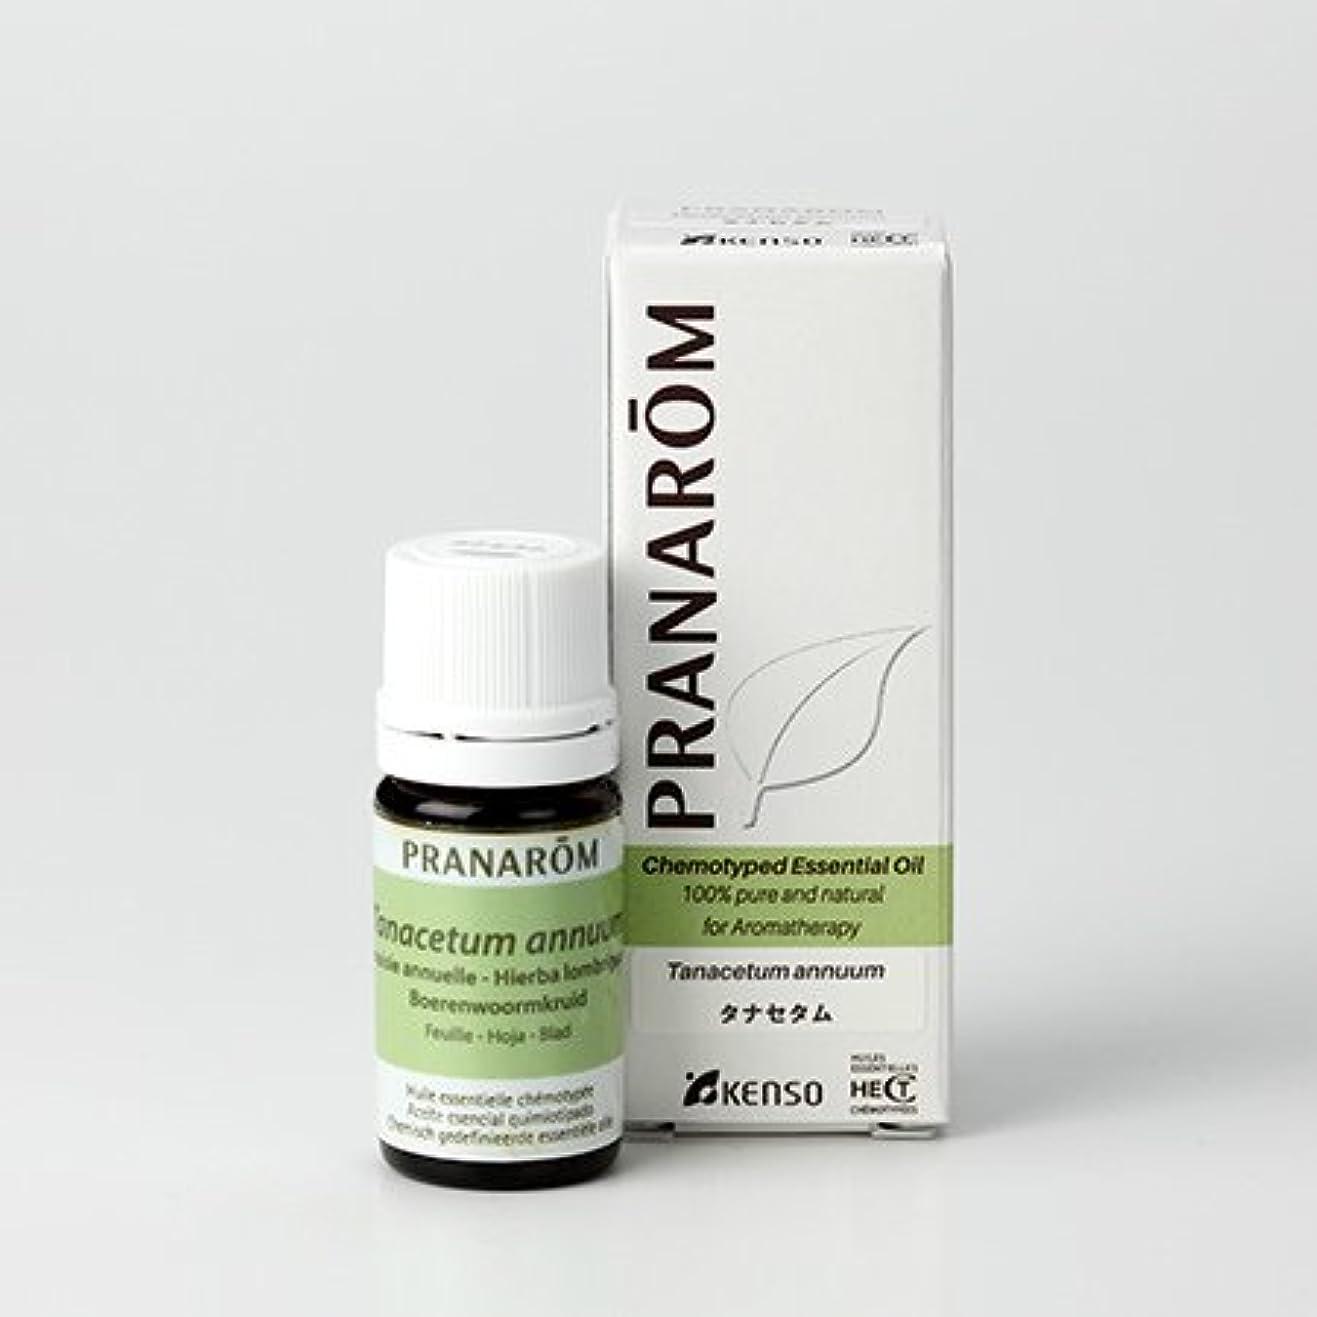 にやにや昨日苦しめるプラナロム タナセタム 5ml (PRANAROM ケモタイプ精油)